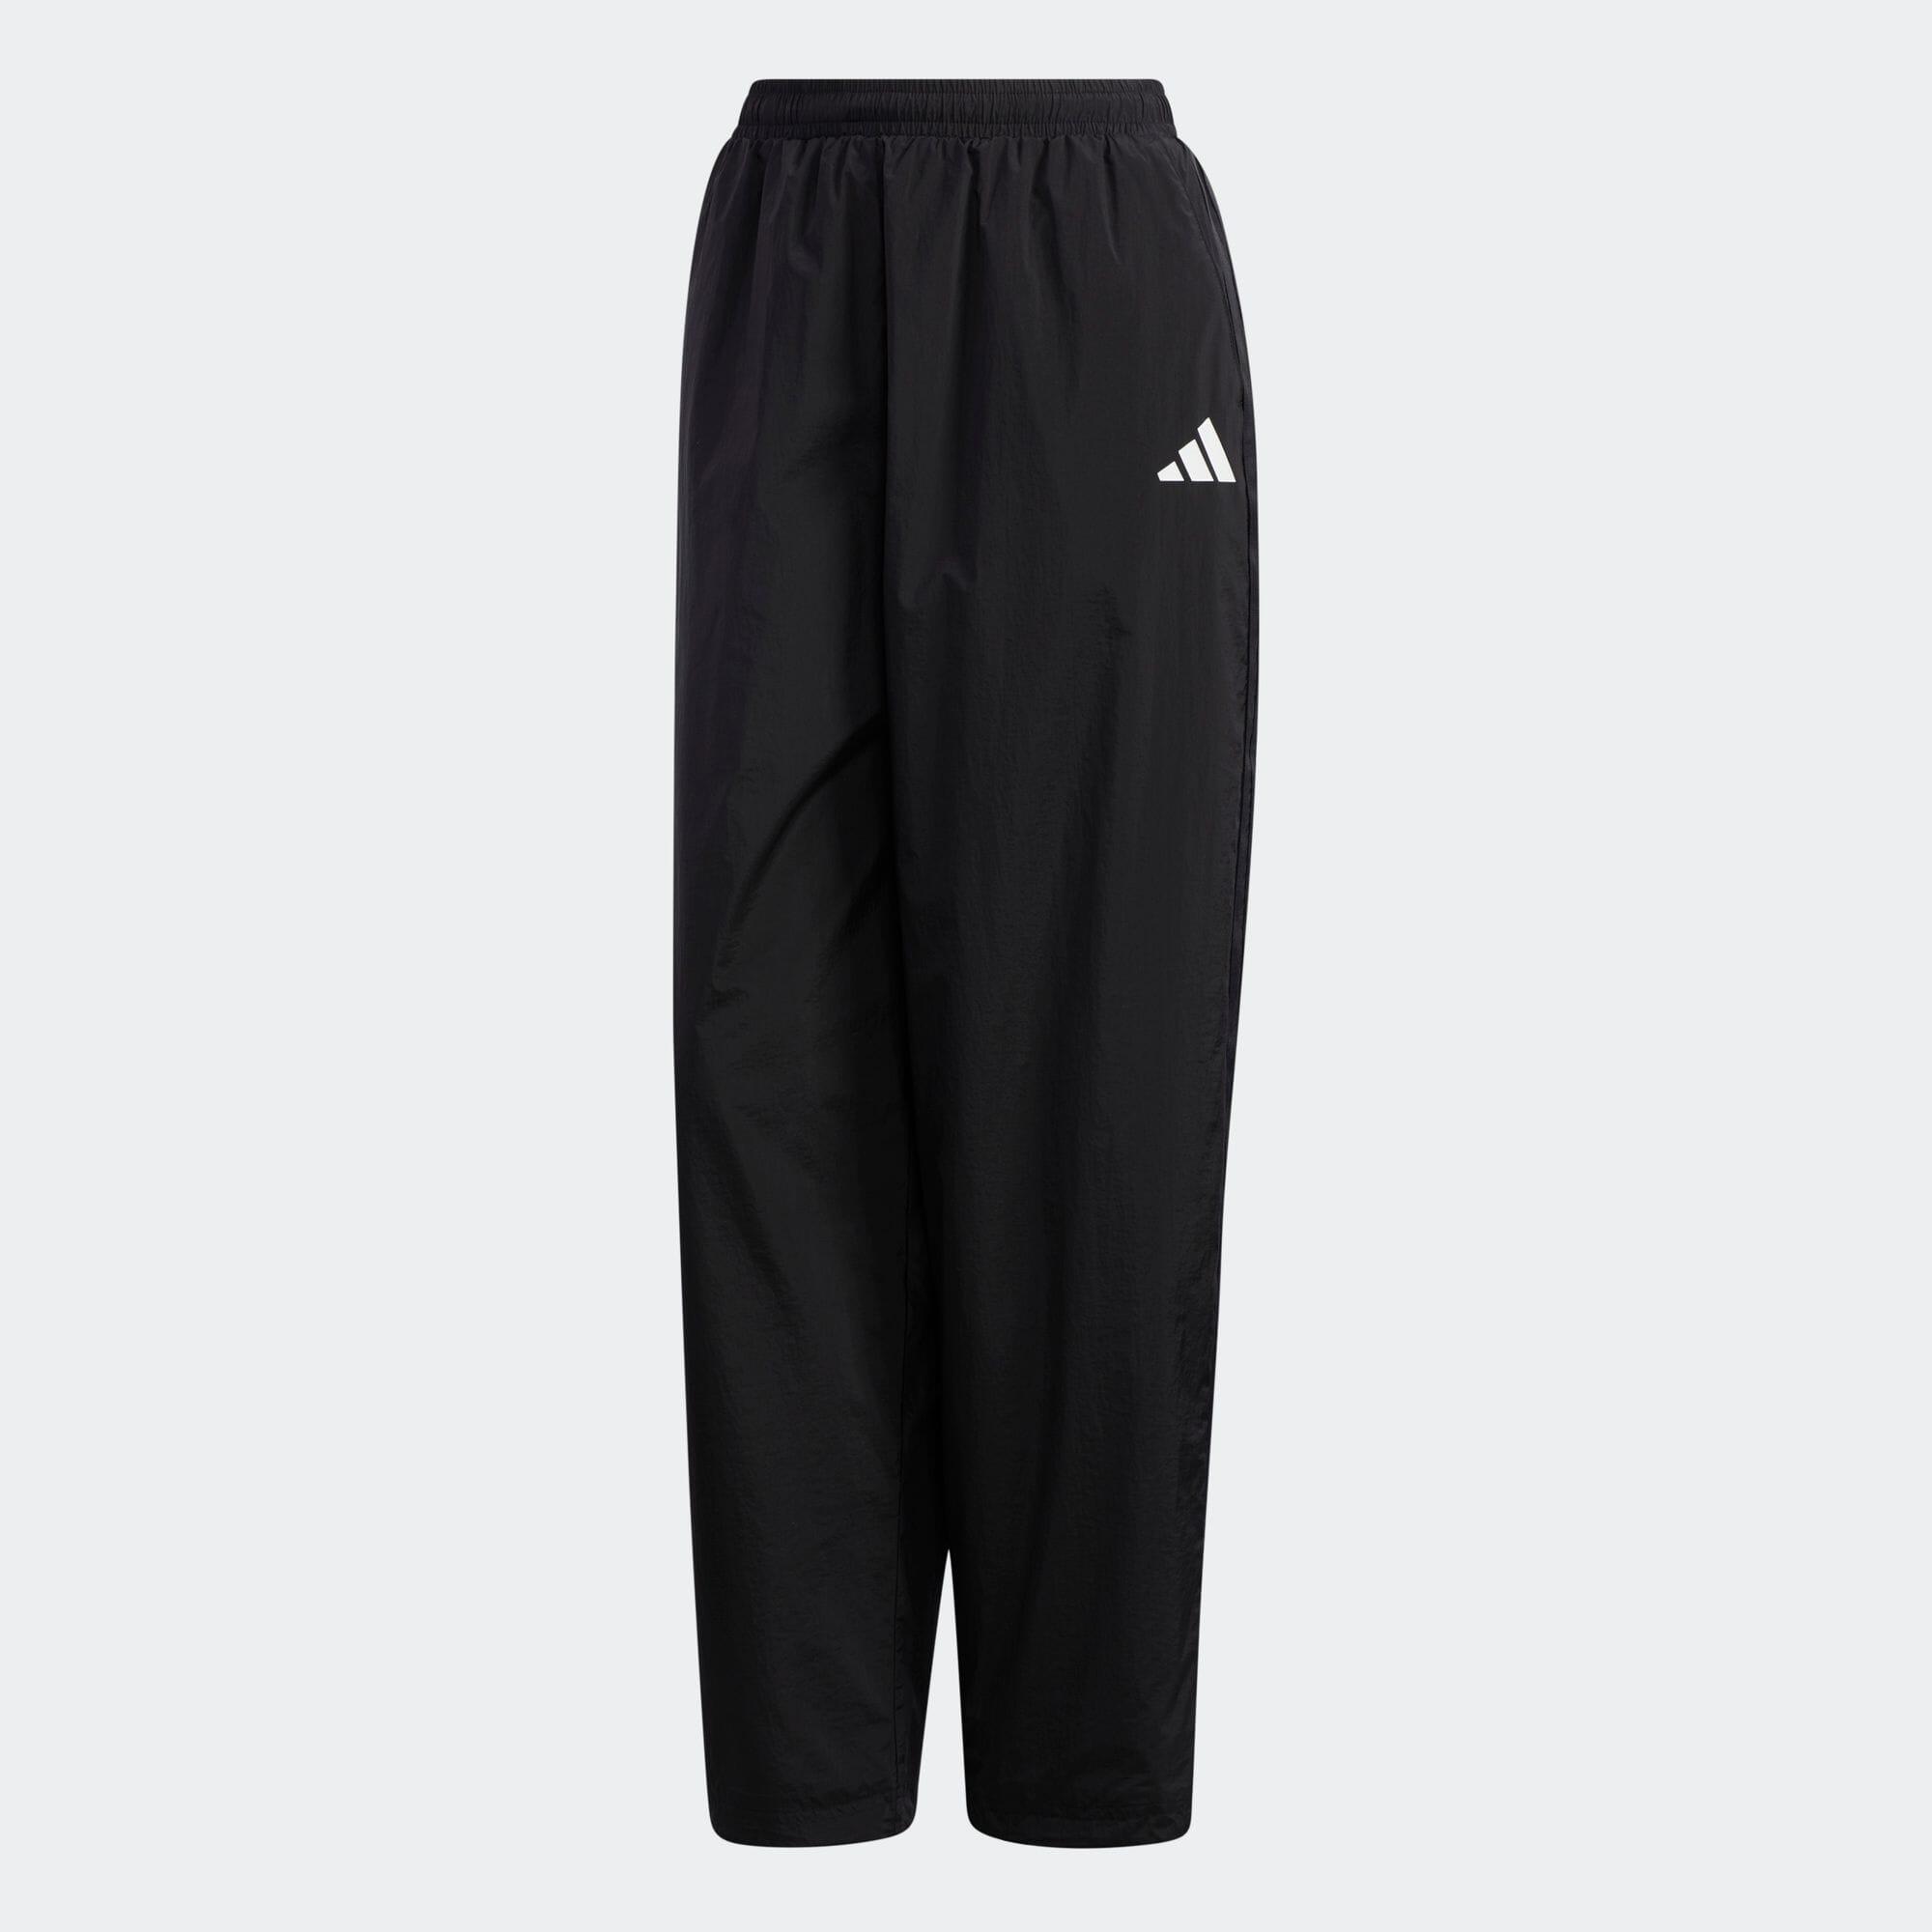 UR ウーブン ニューパンツ / UR Woven New Pants